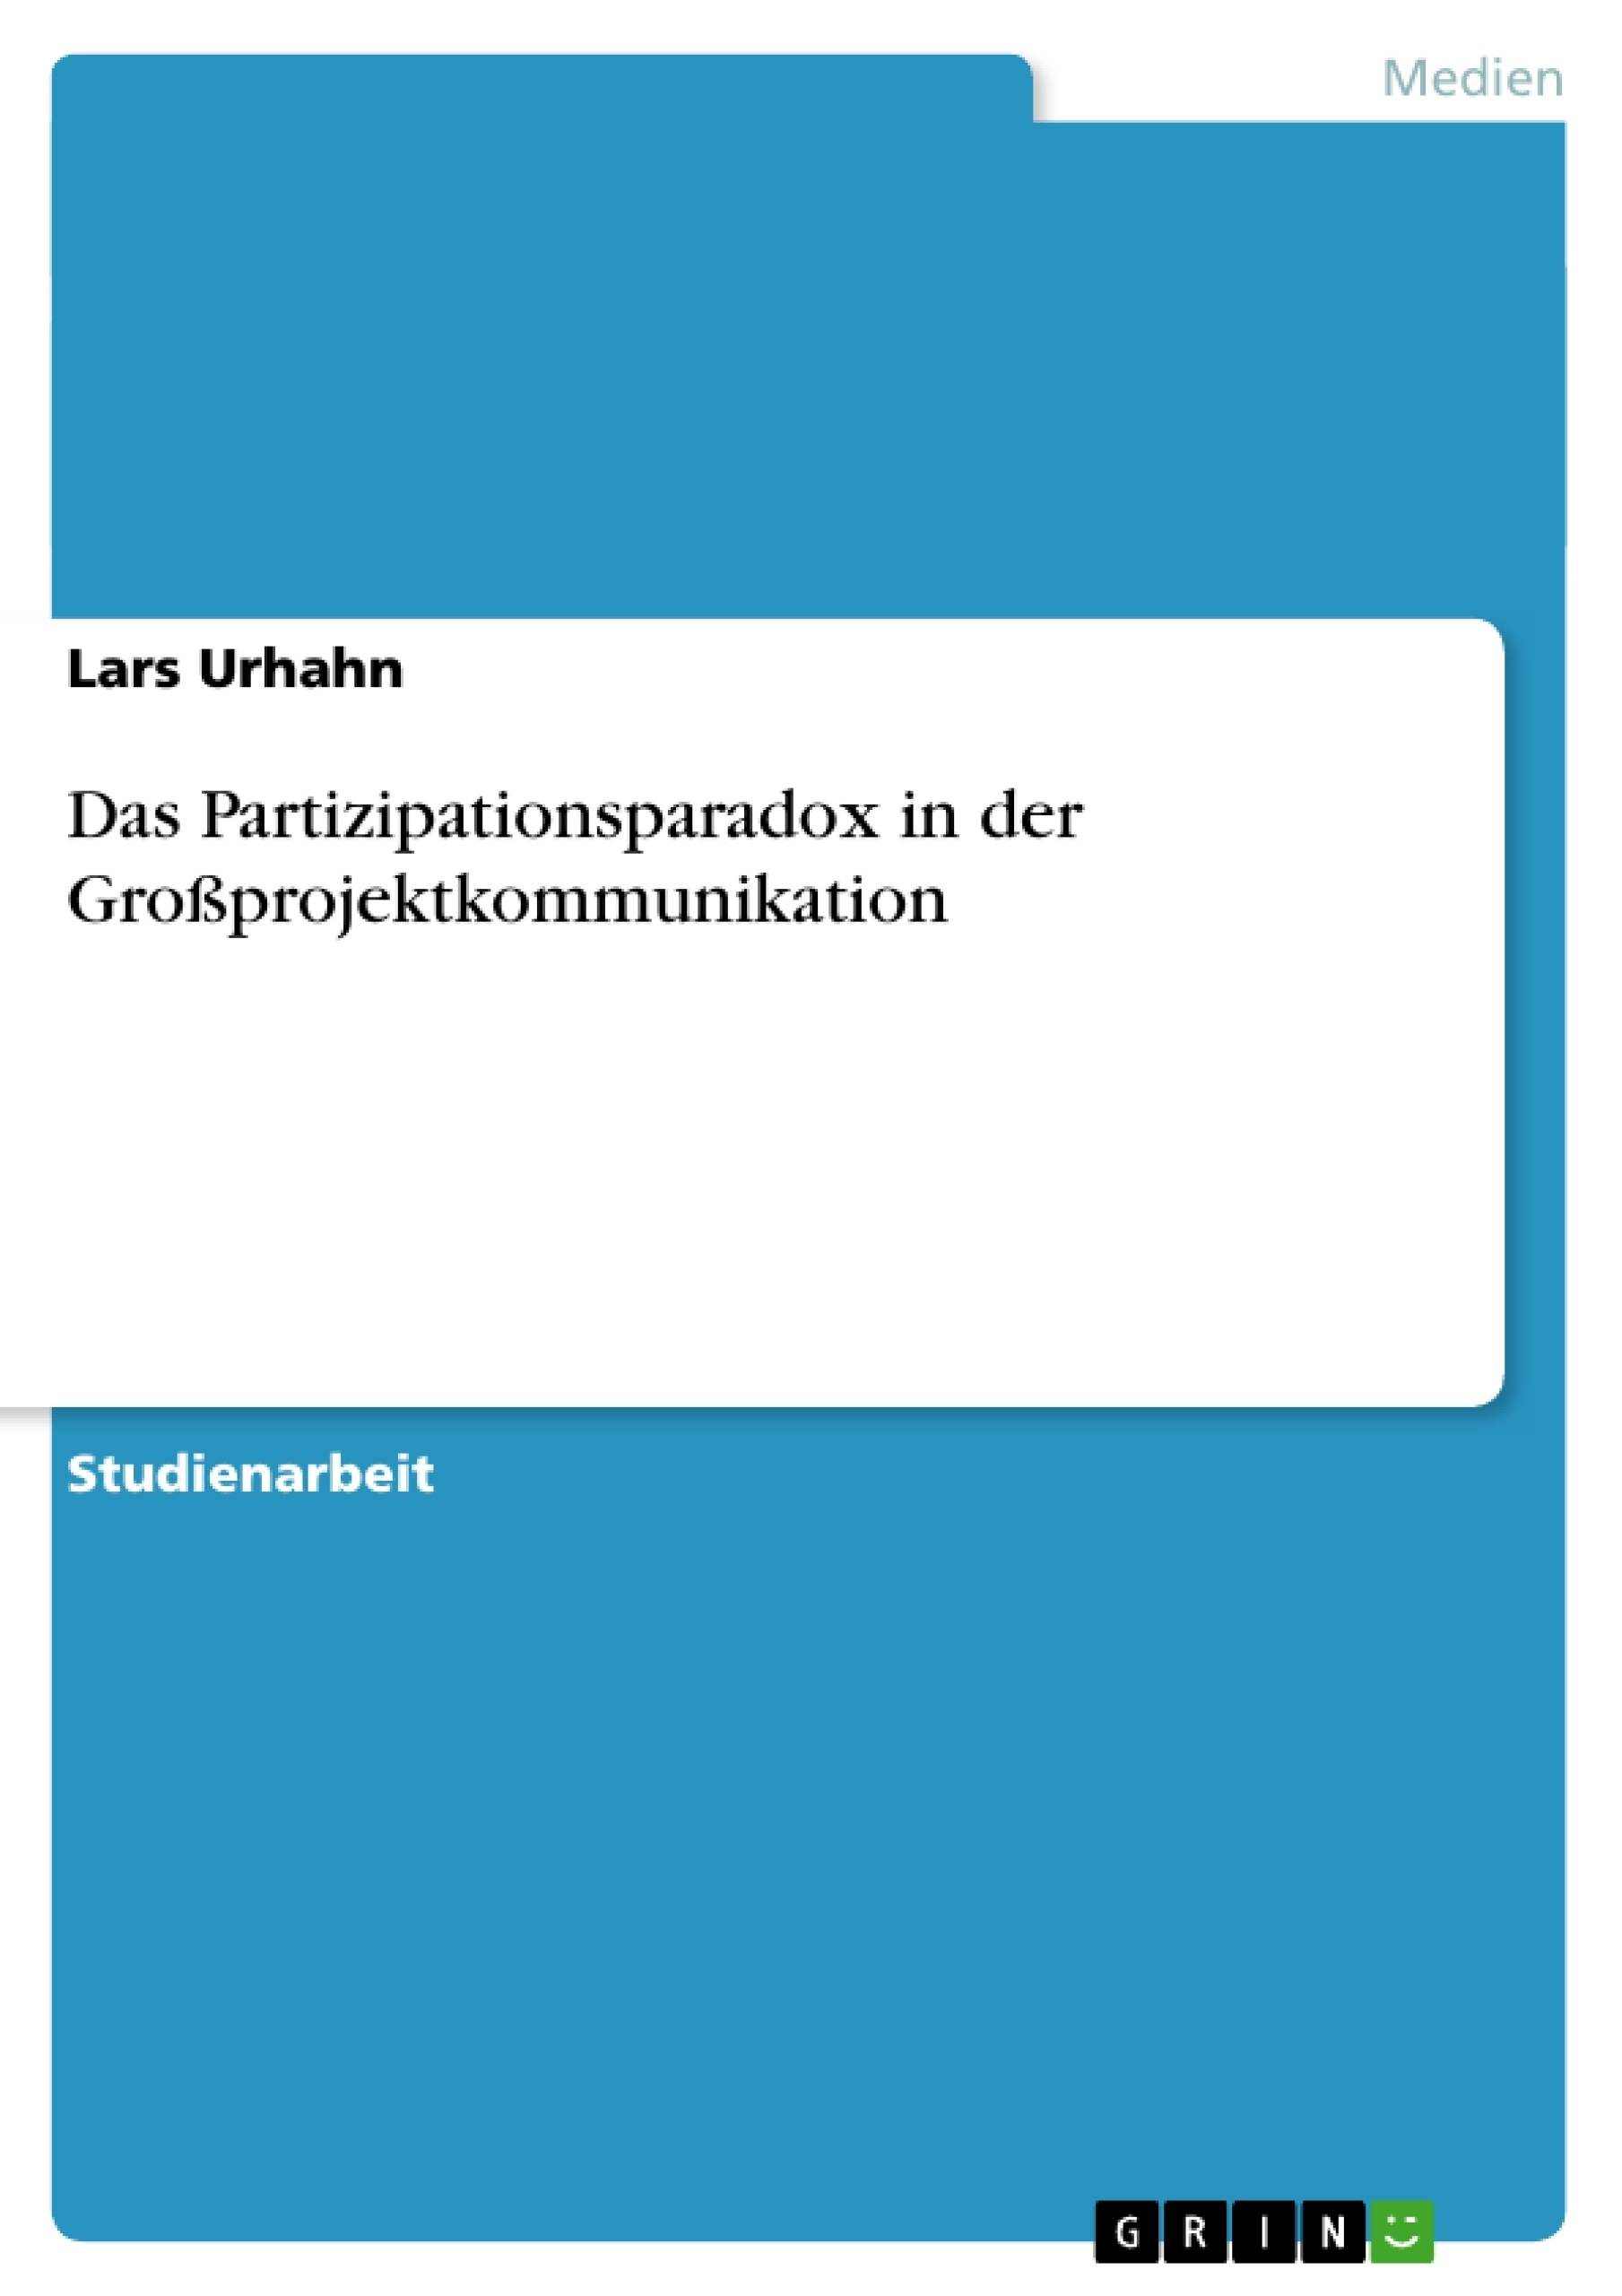 Titel: Das Partizipationsparadox in der Großprojektkommunikation